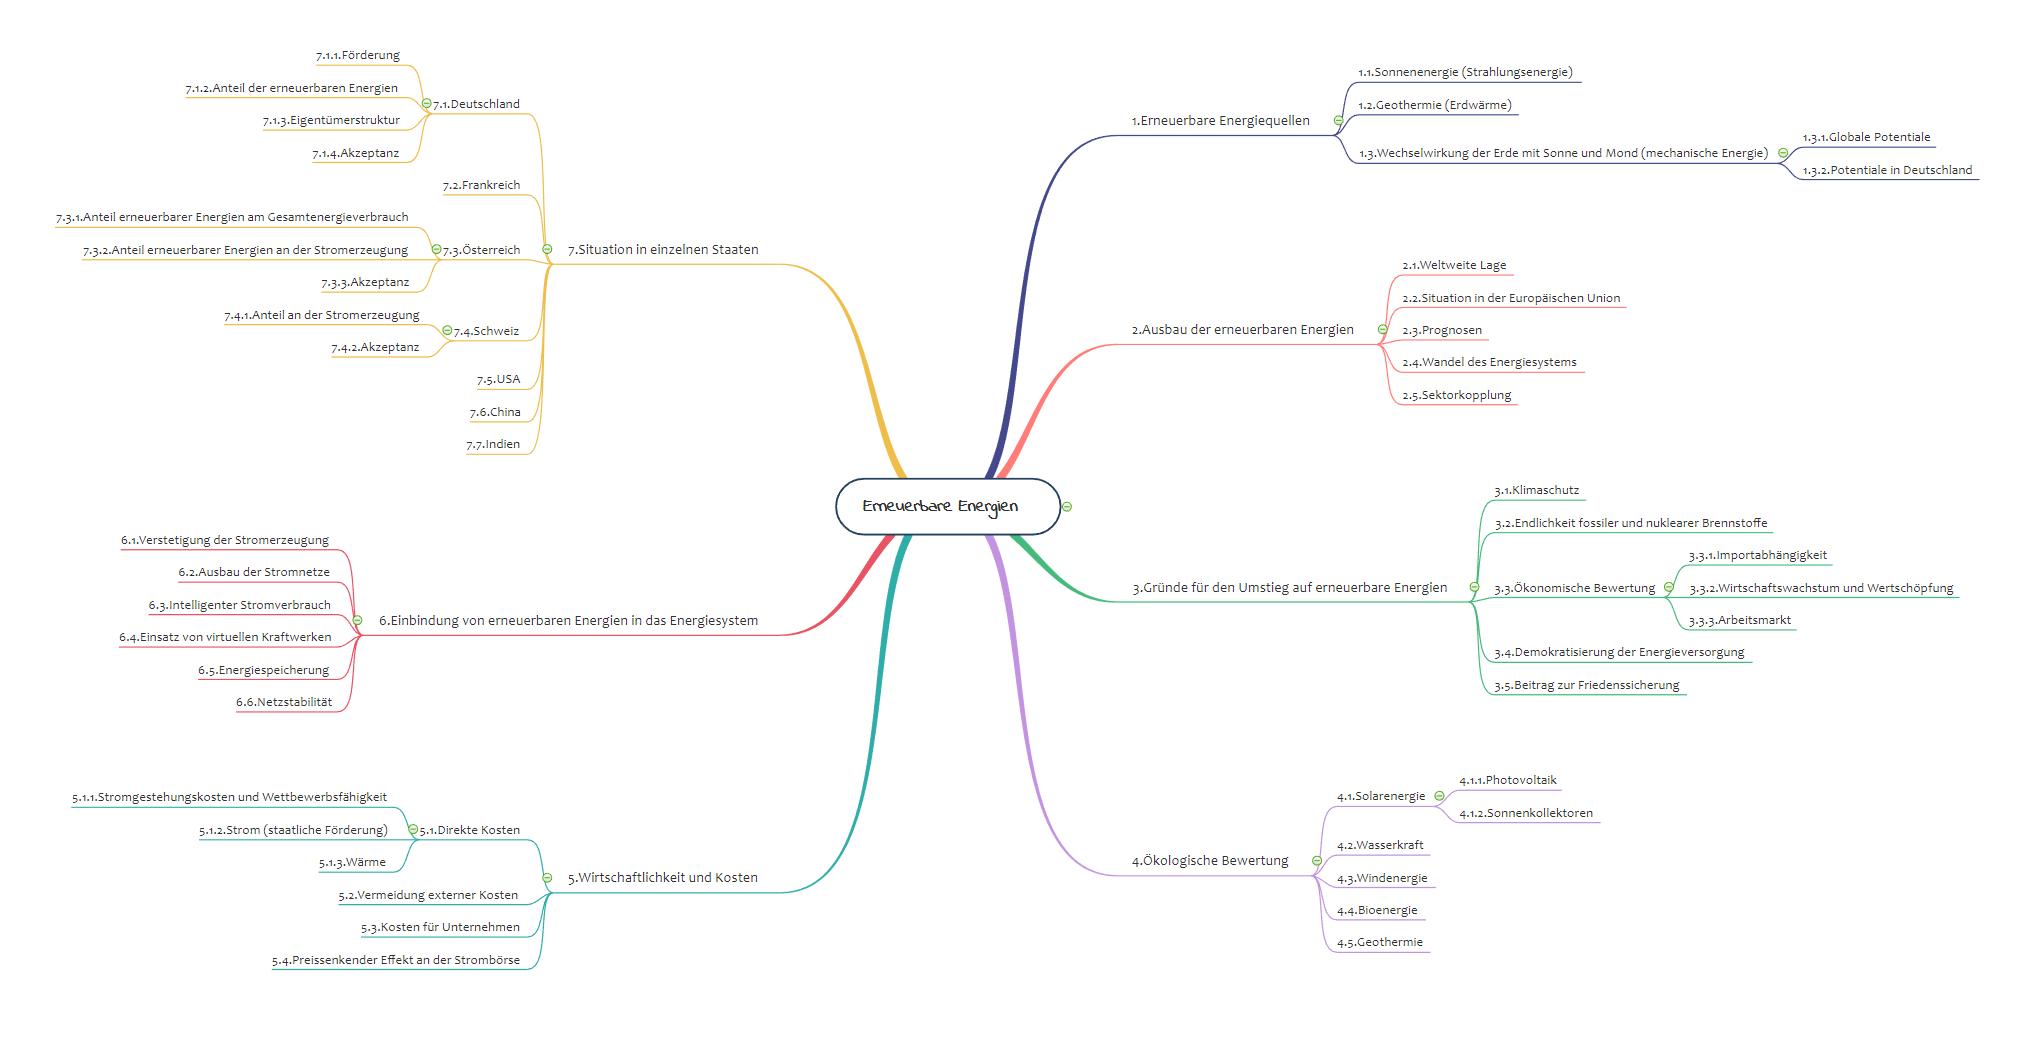 Mindmap Brainstorming Vorlage Erneuerbare Energien Erneuerbare Energien Mindmap Mindmap Beispiele